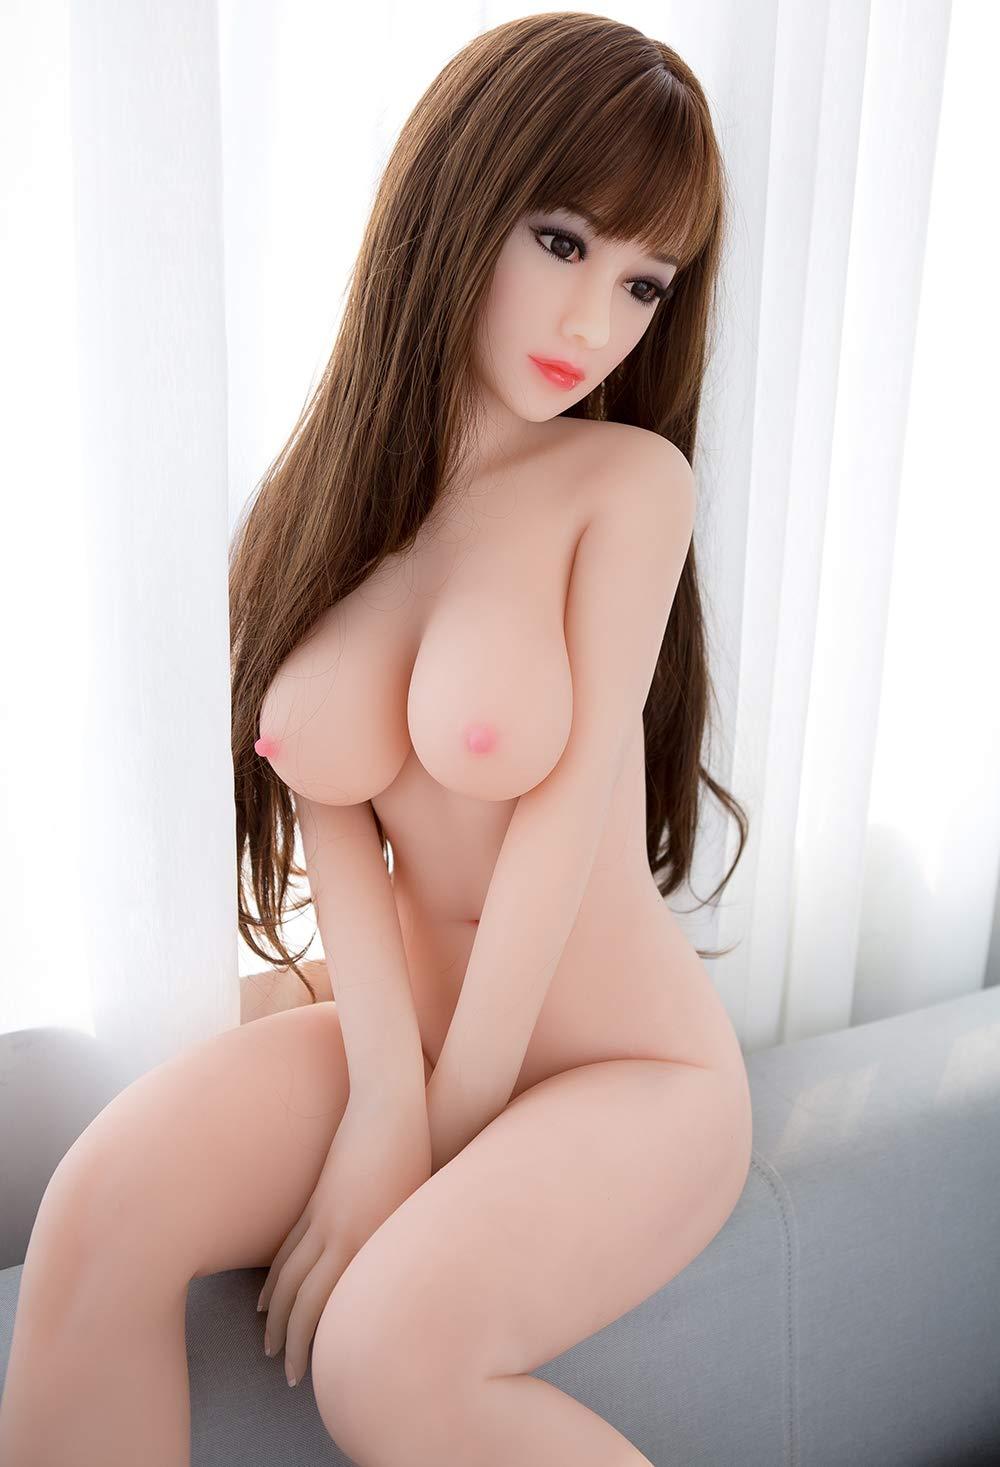 158 cm TPE/Muñeca TPE/Muñeca TPE/Muñeca de silicona RS-Love Doll 3 Muñeca realista abierta Hombres y mujeres maduros Masturbación Masaje juguete 957a10